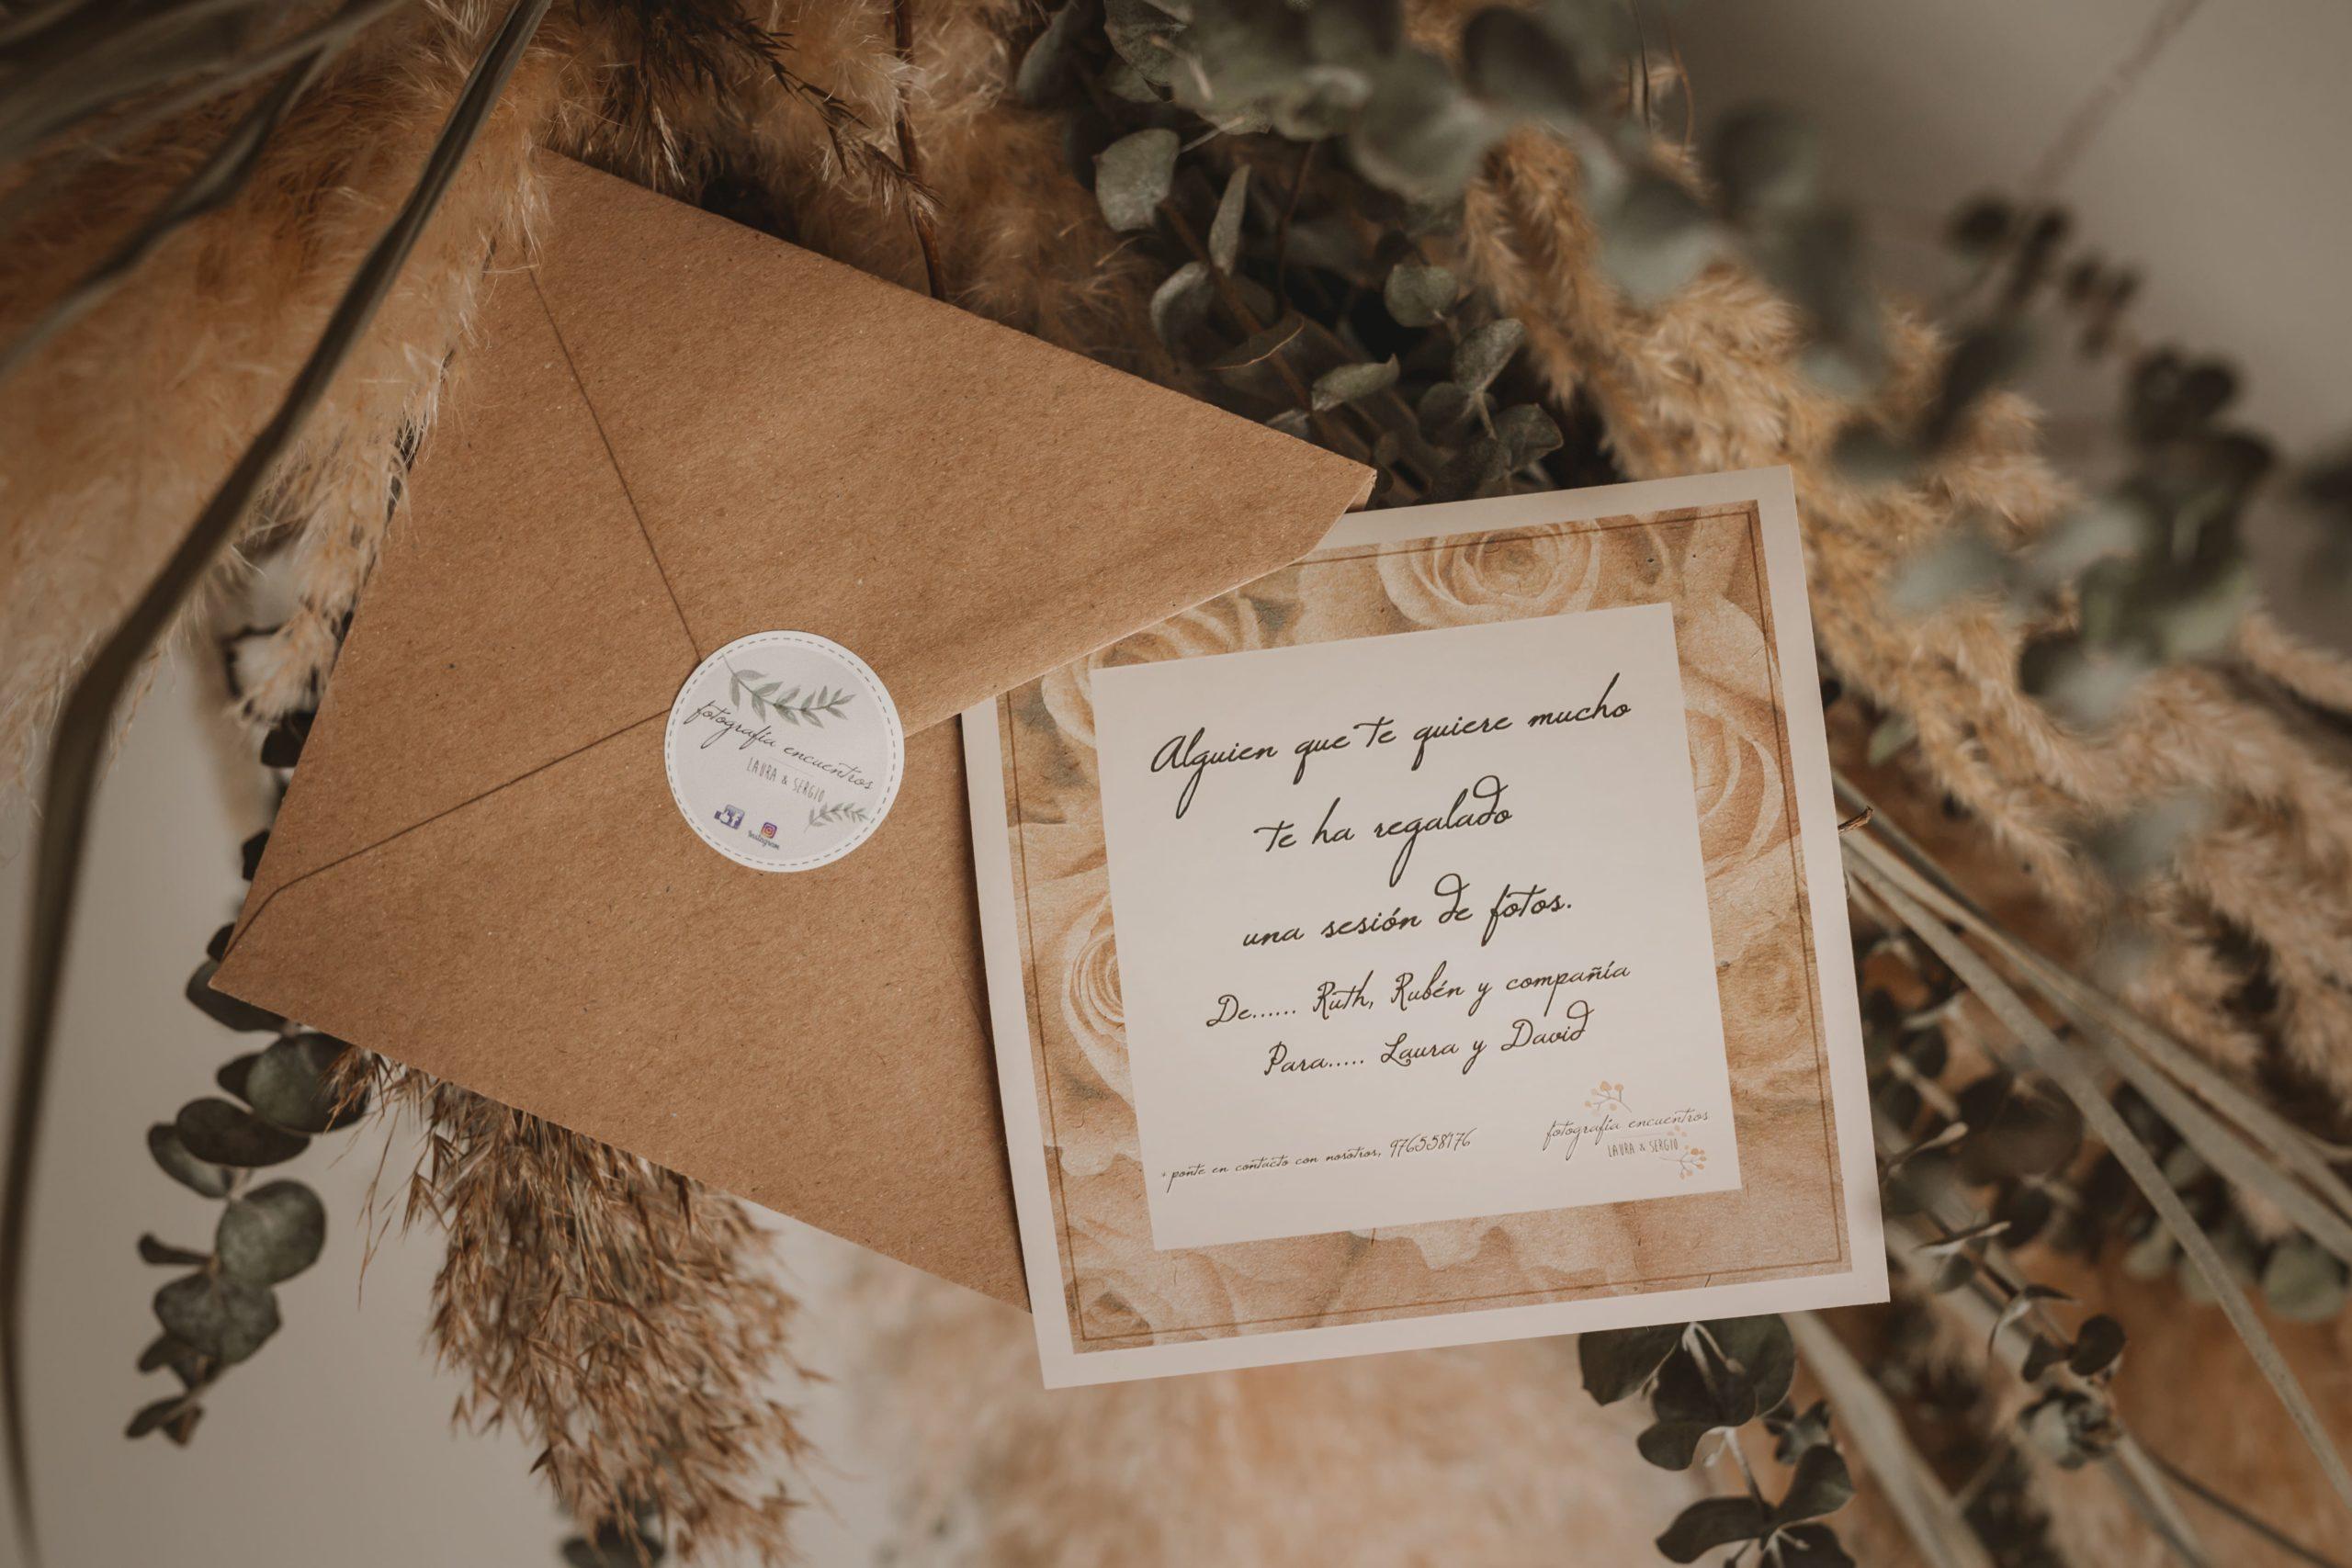 Tarjeta regalo, tarjeta regalo sesi—n de fotos, regalo original, regalo diferente, regalo sesion de fotos